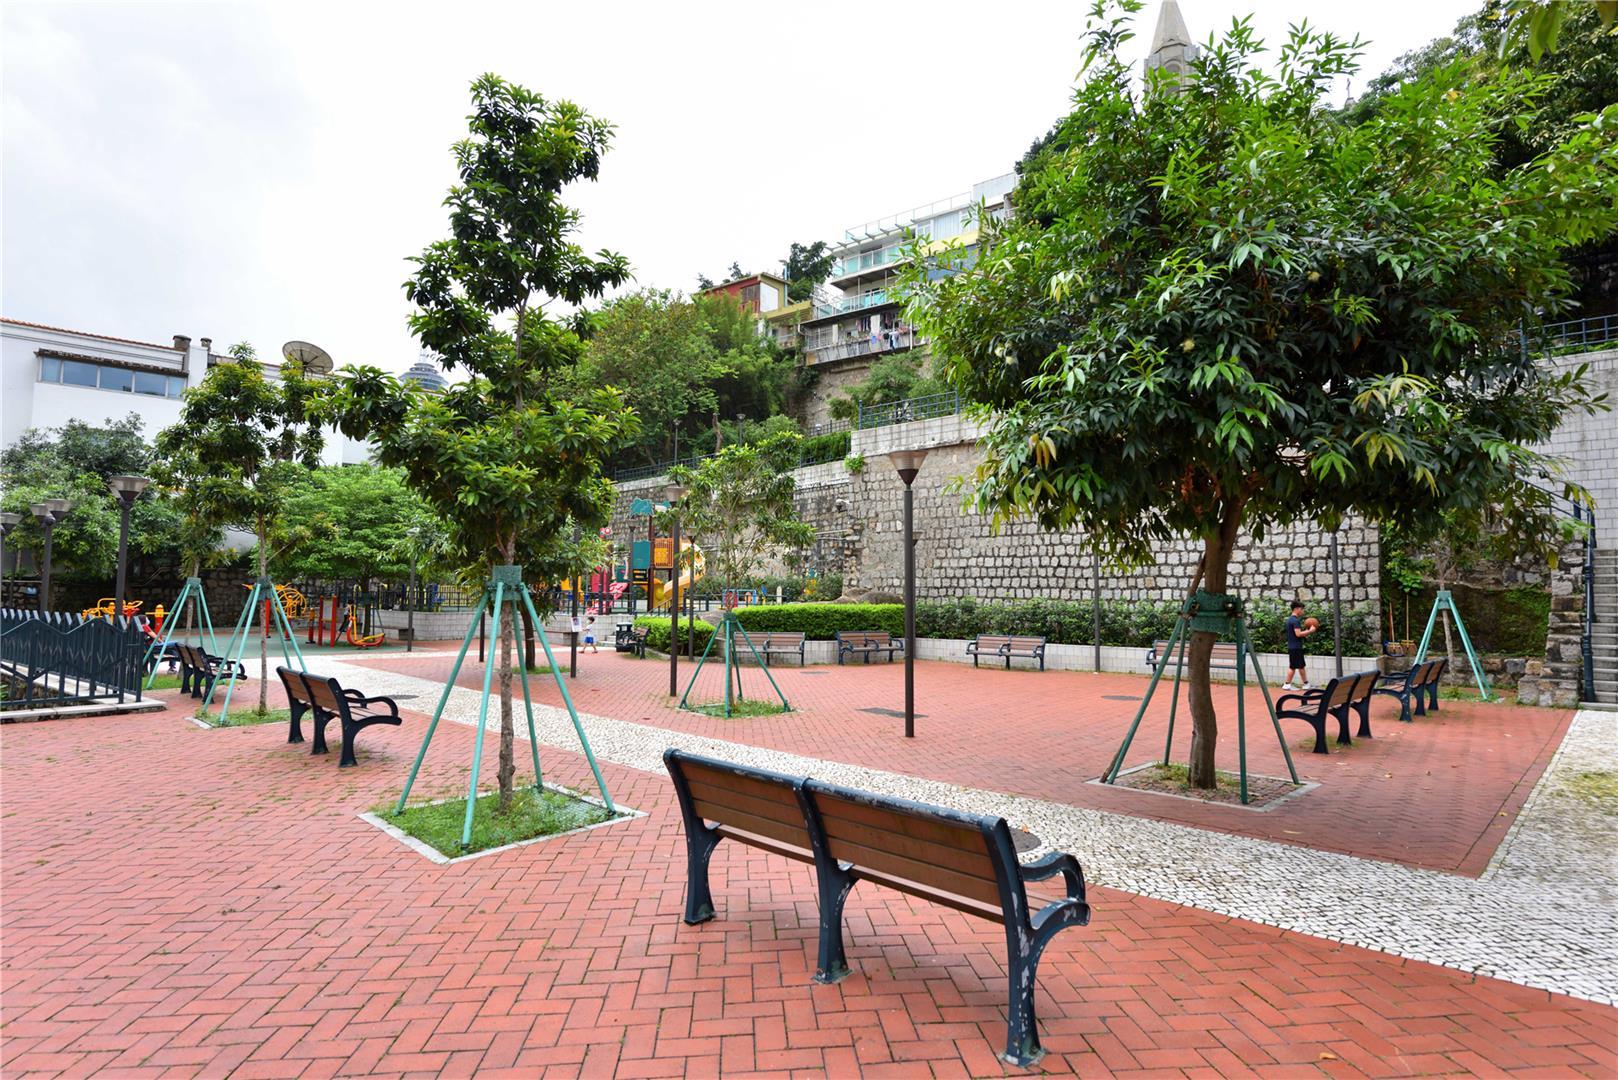 Leisure Area in Rua da Boa Vista